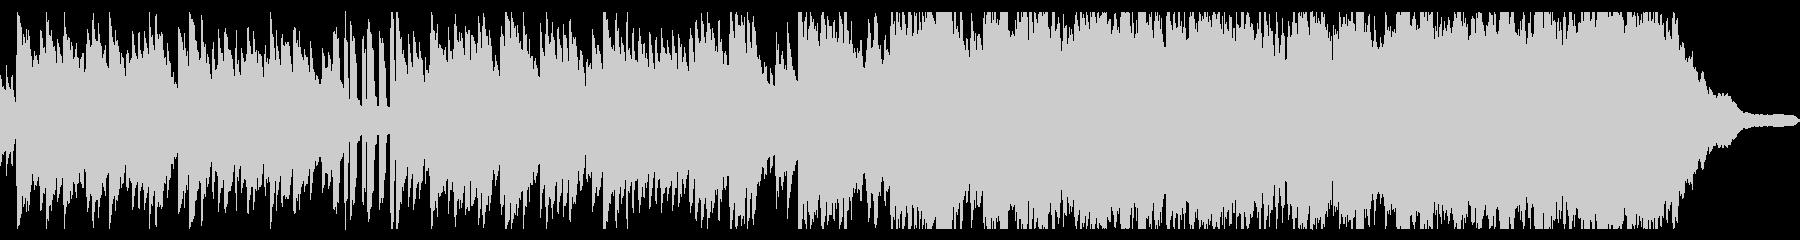 ベルとピアノのノスタルジックな曲の未再生の波形